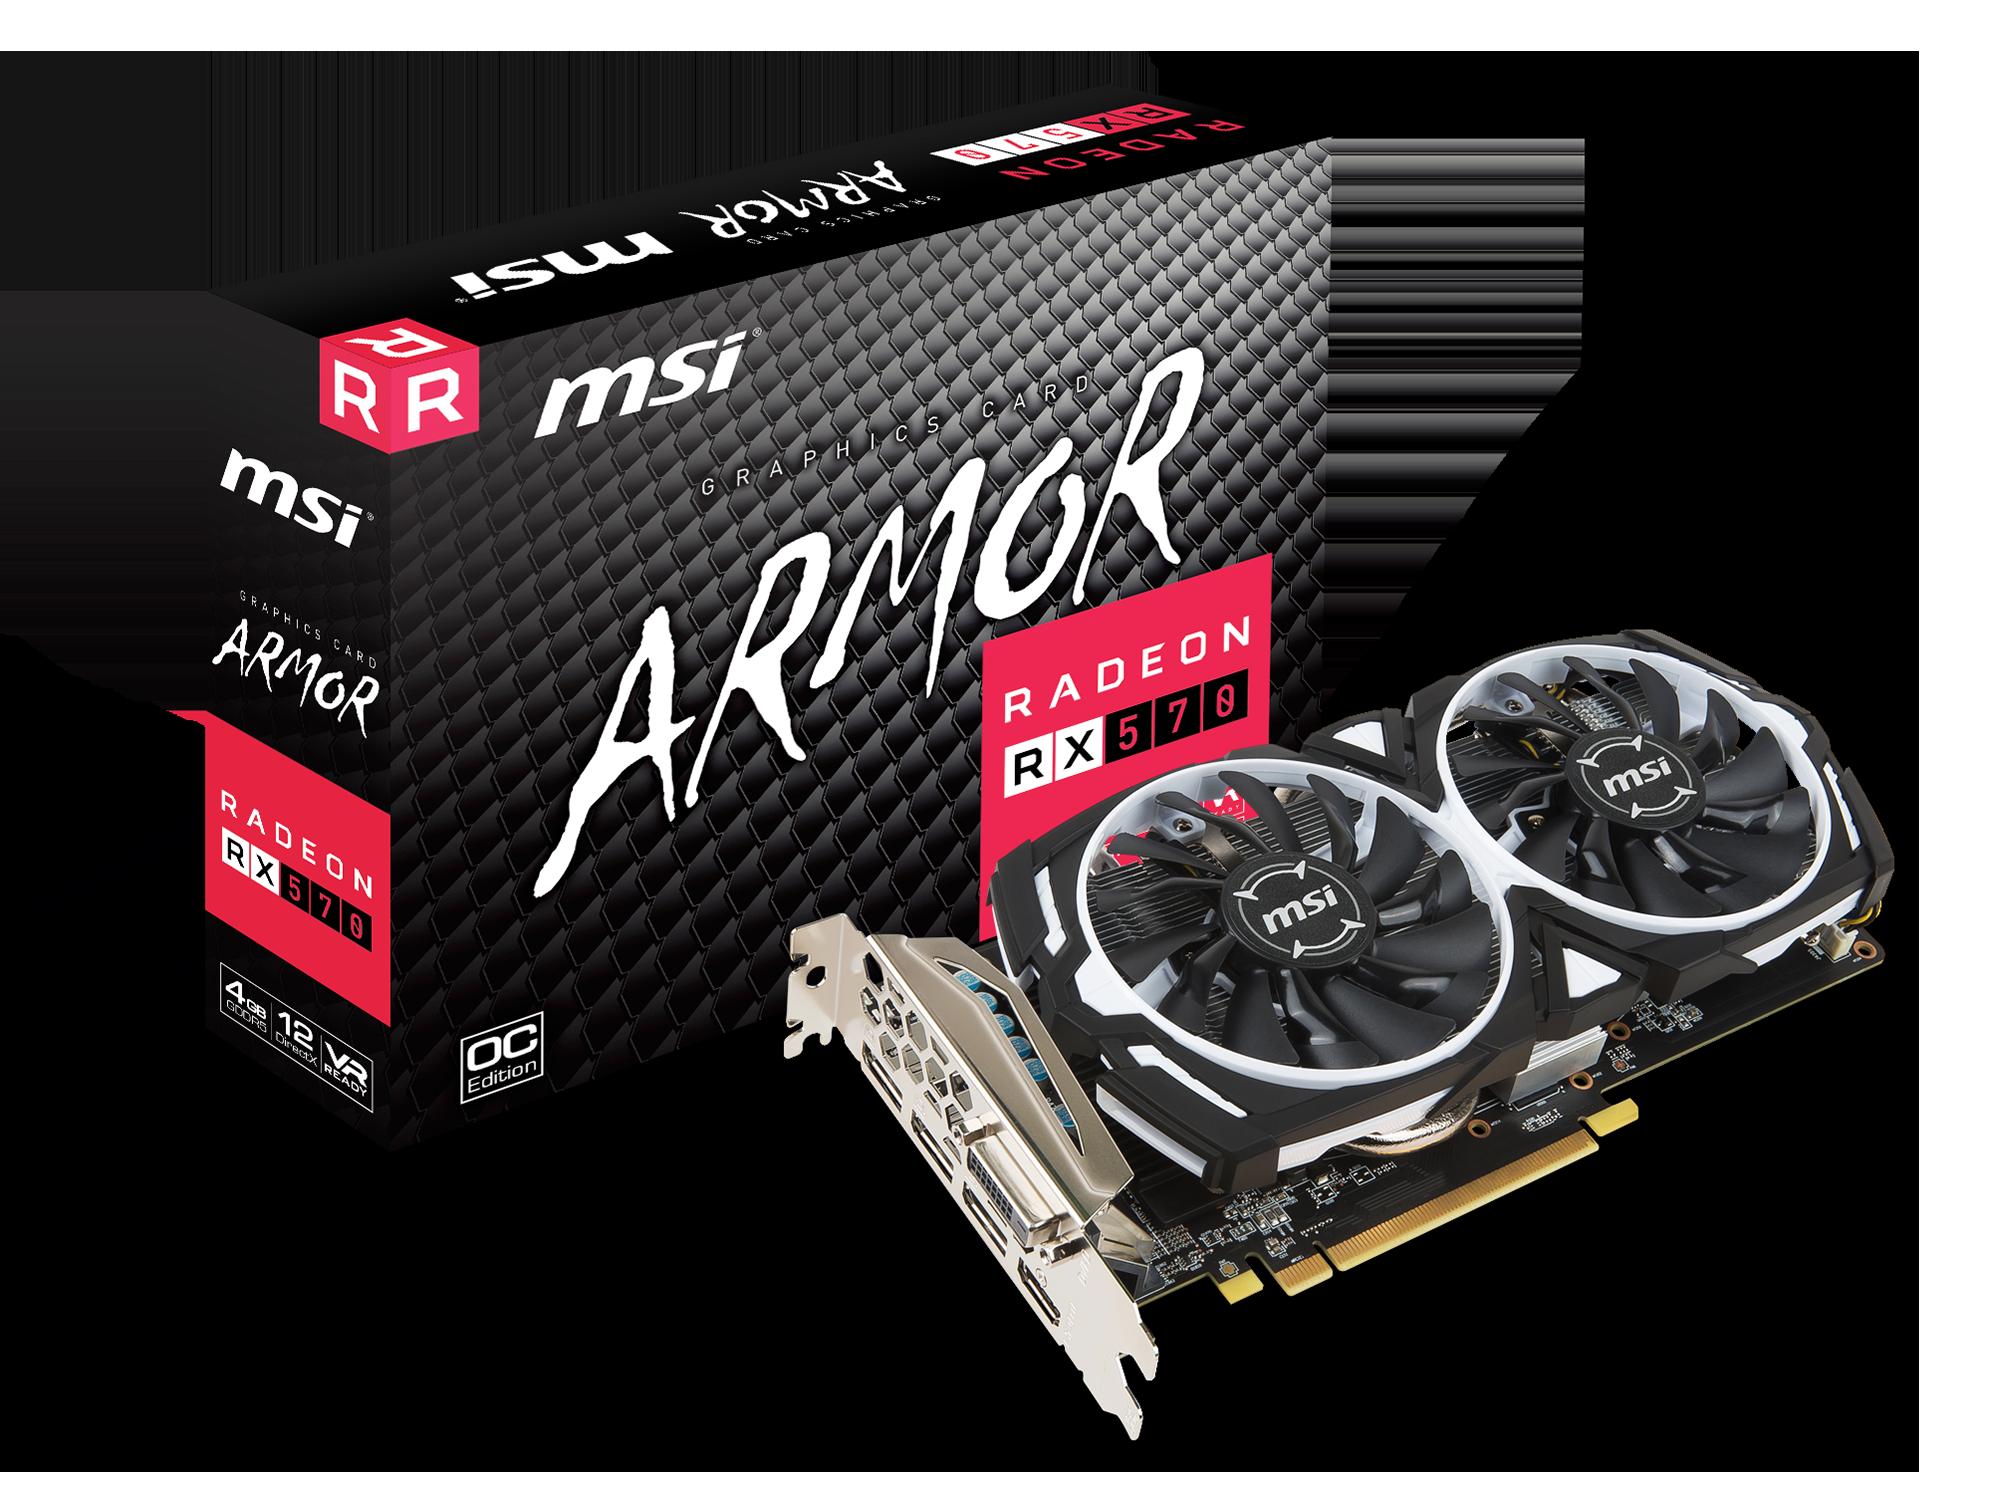 MSI Radeon RX 570 Armor 4G OC 4096MB PCI-E DVI HDMI DP - Grafikkarte - PCI - 1x DVI, 1x HDMI 2.0b, 3x DisplayPort 1.4